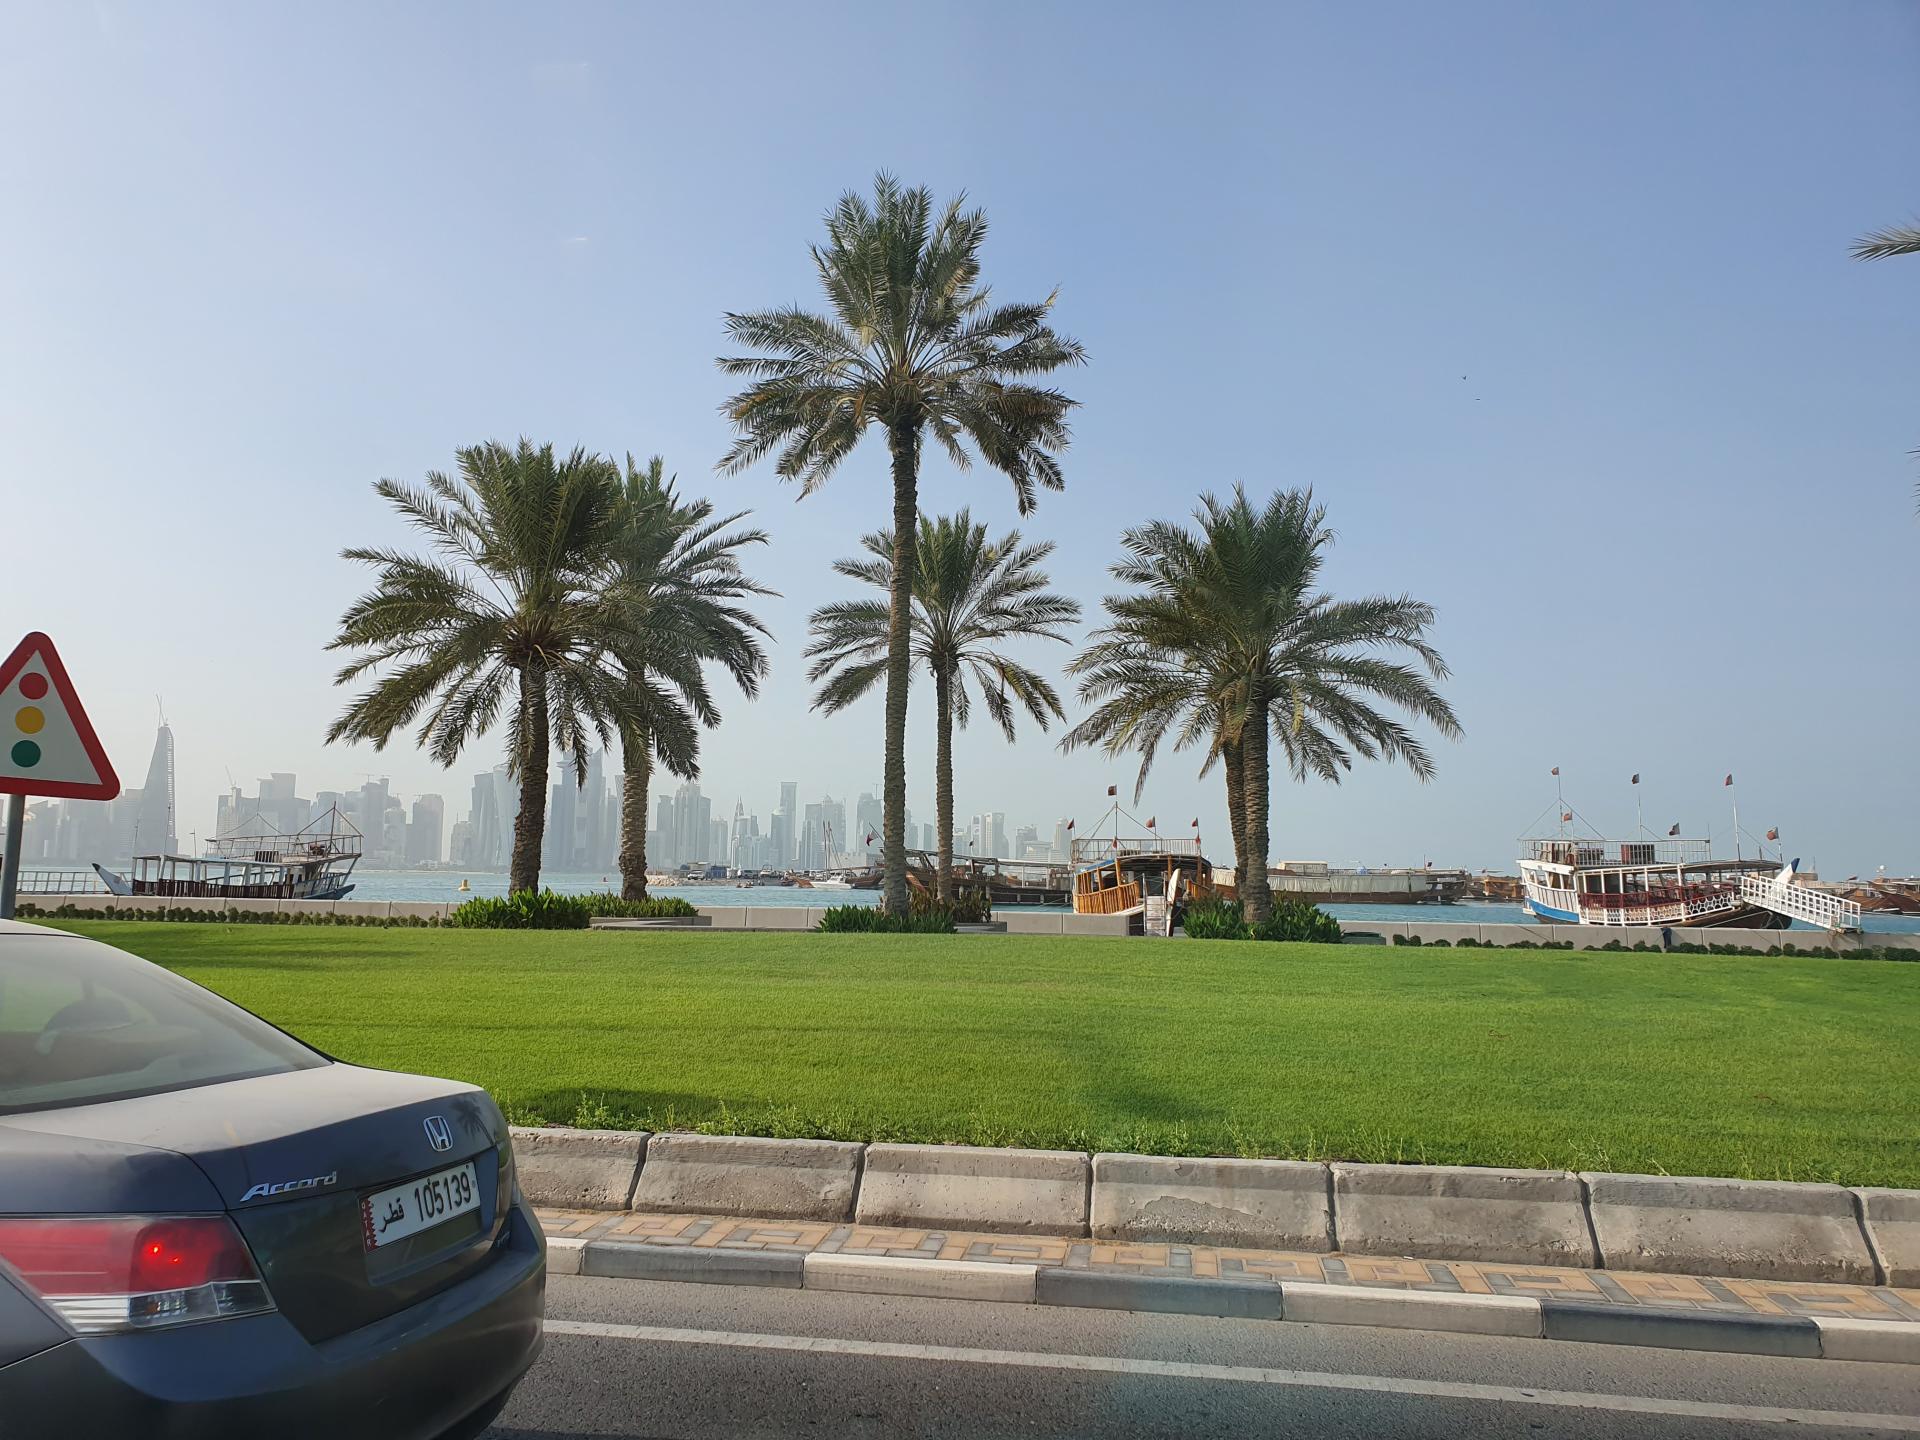 На дорогах Дохи, Катар